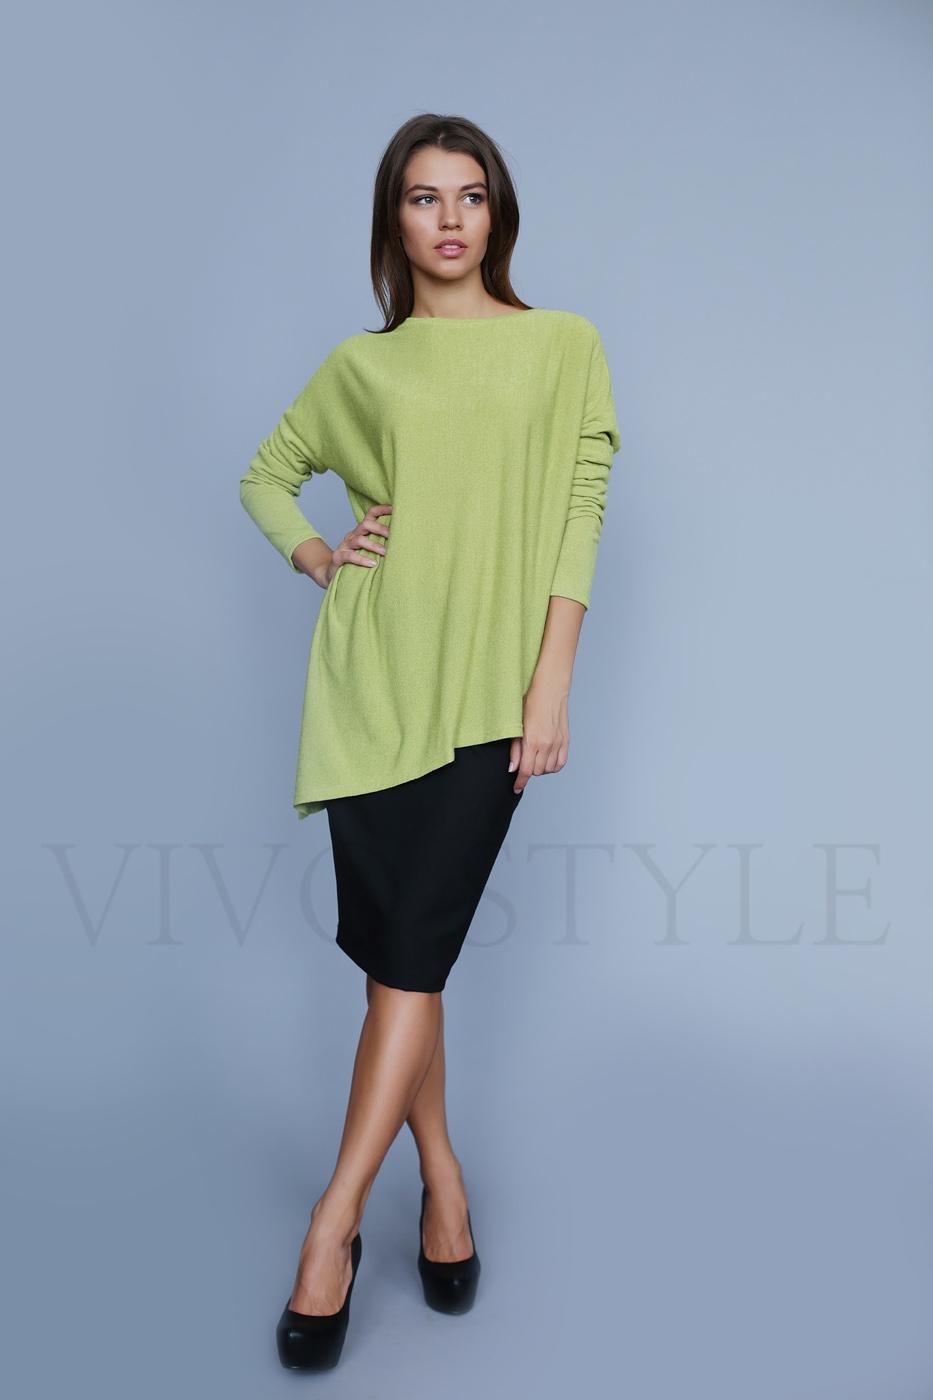 Женская блуза с асимметричным низом